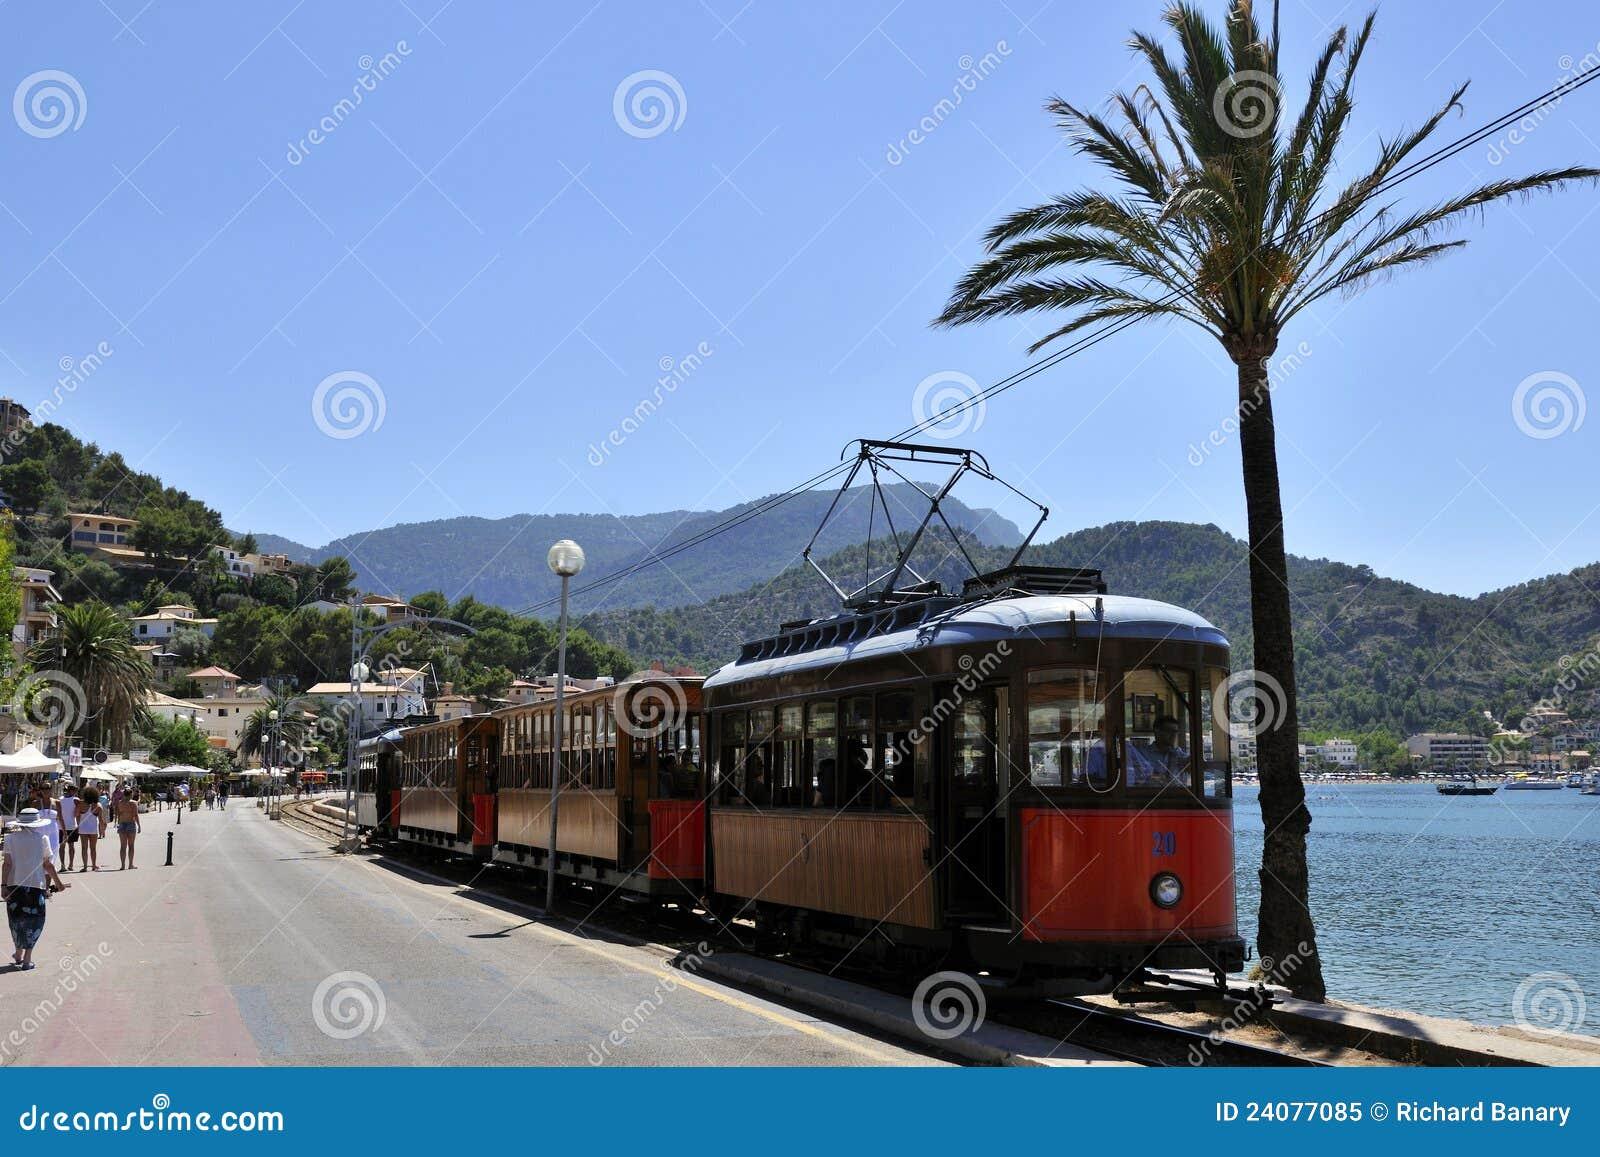 Tram in Port de Soller